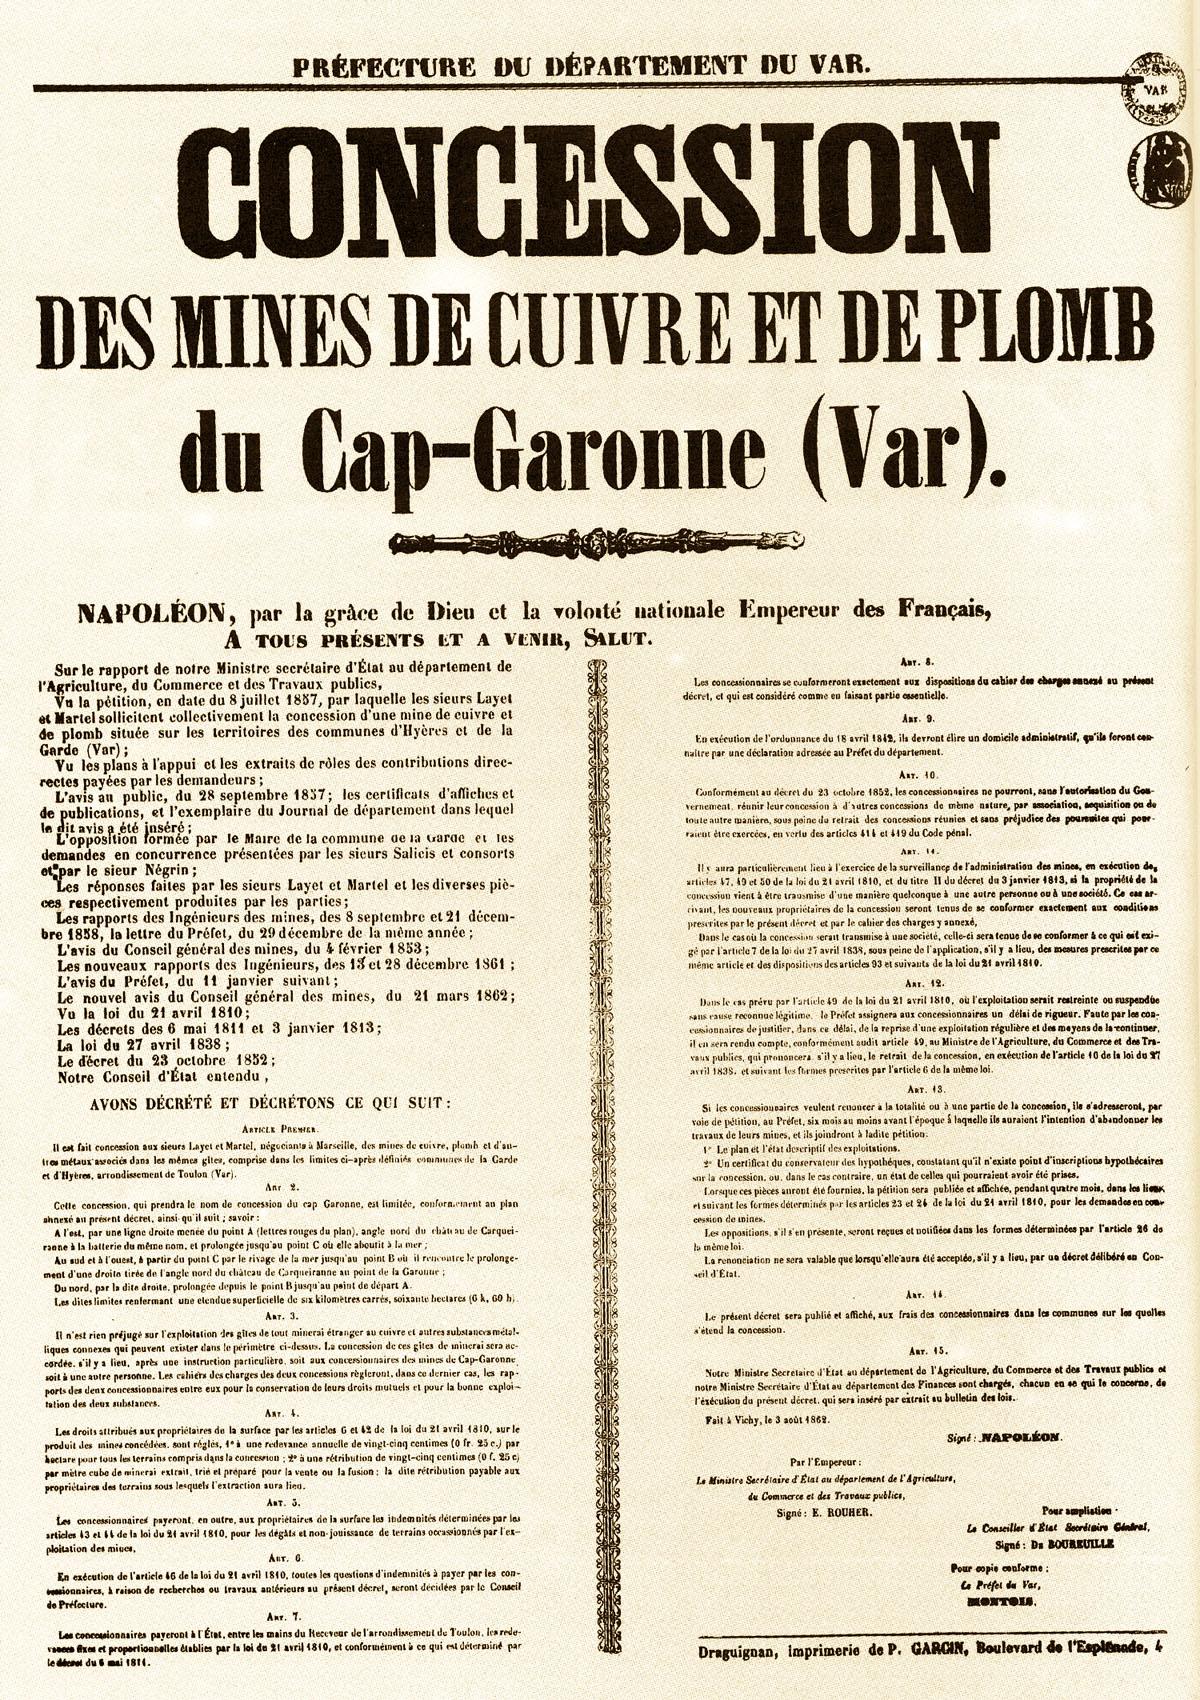 Document de concession des mines de cuivre (et de plomb) du Cap Garonne, établi en 1857 par l'état